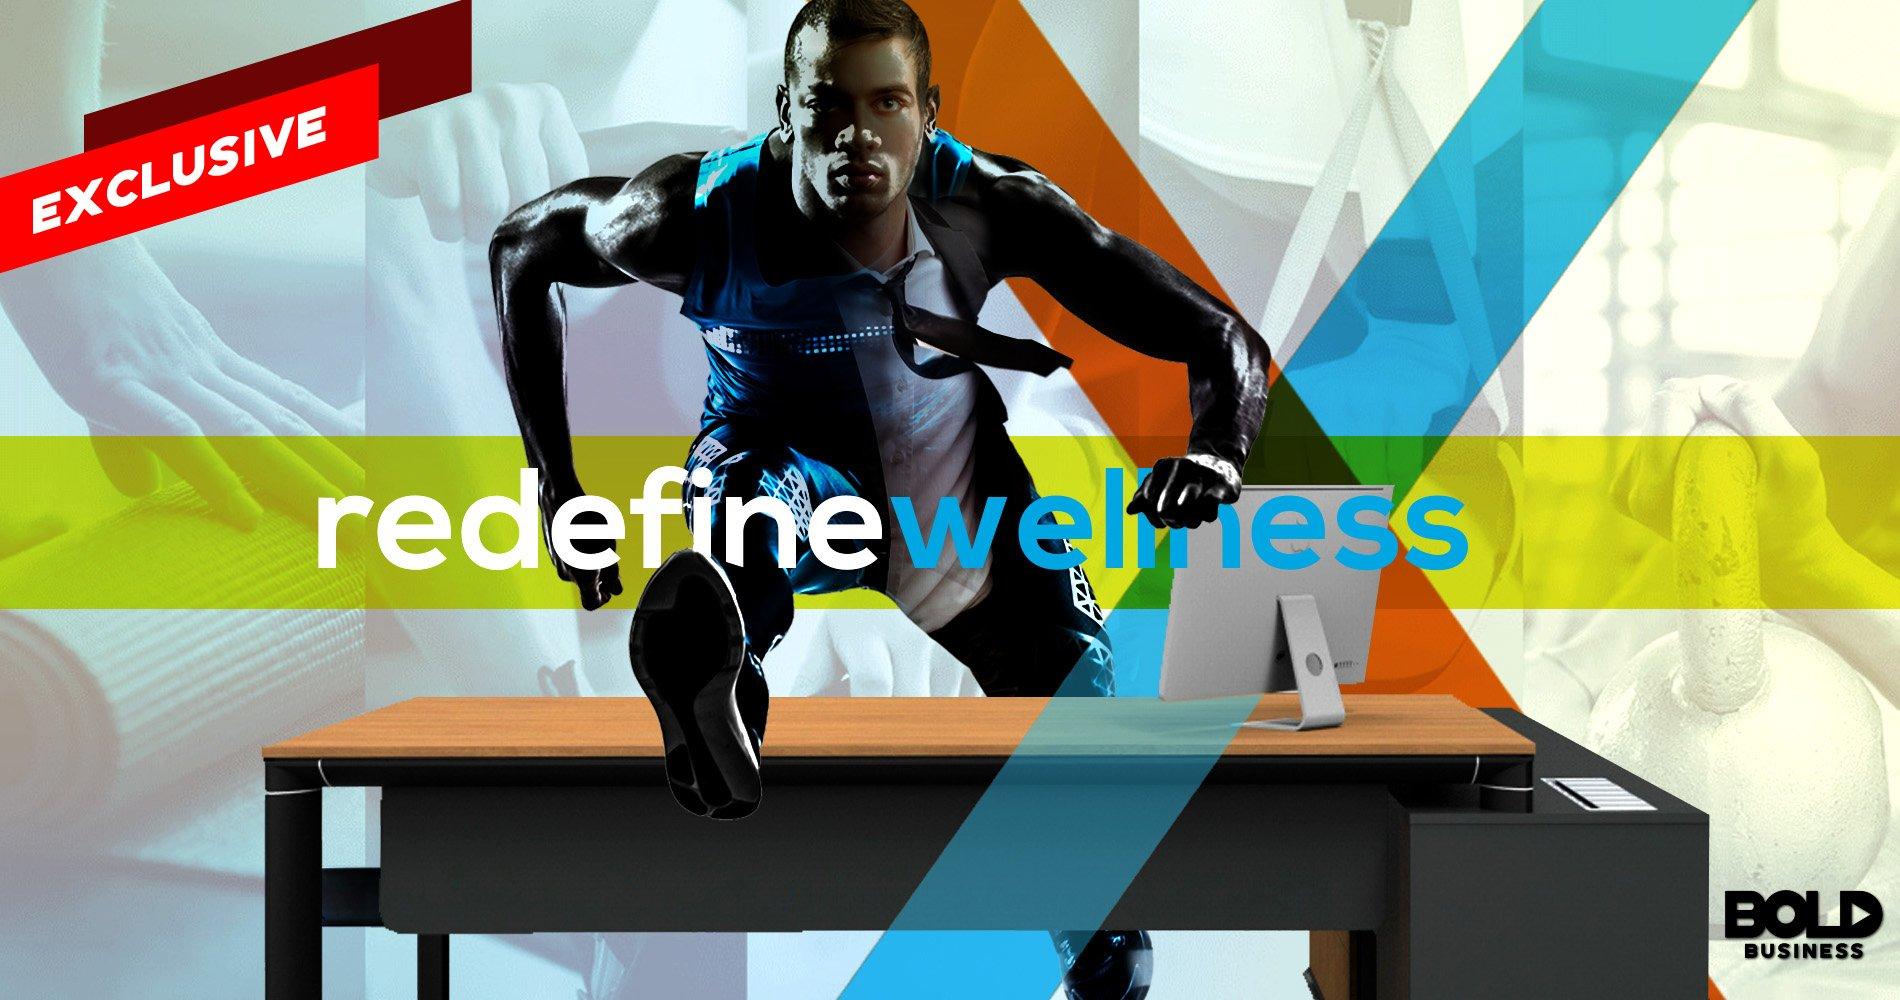 Peerfit Redefining wellness